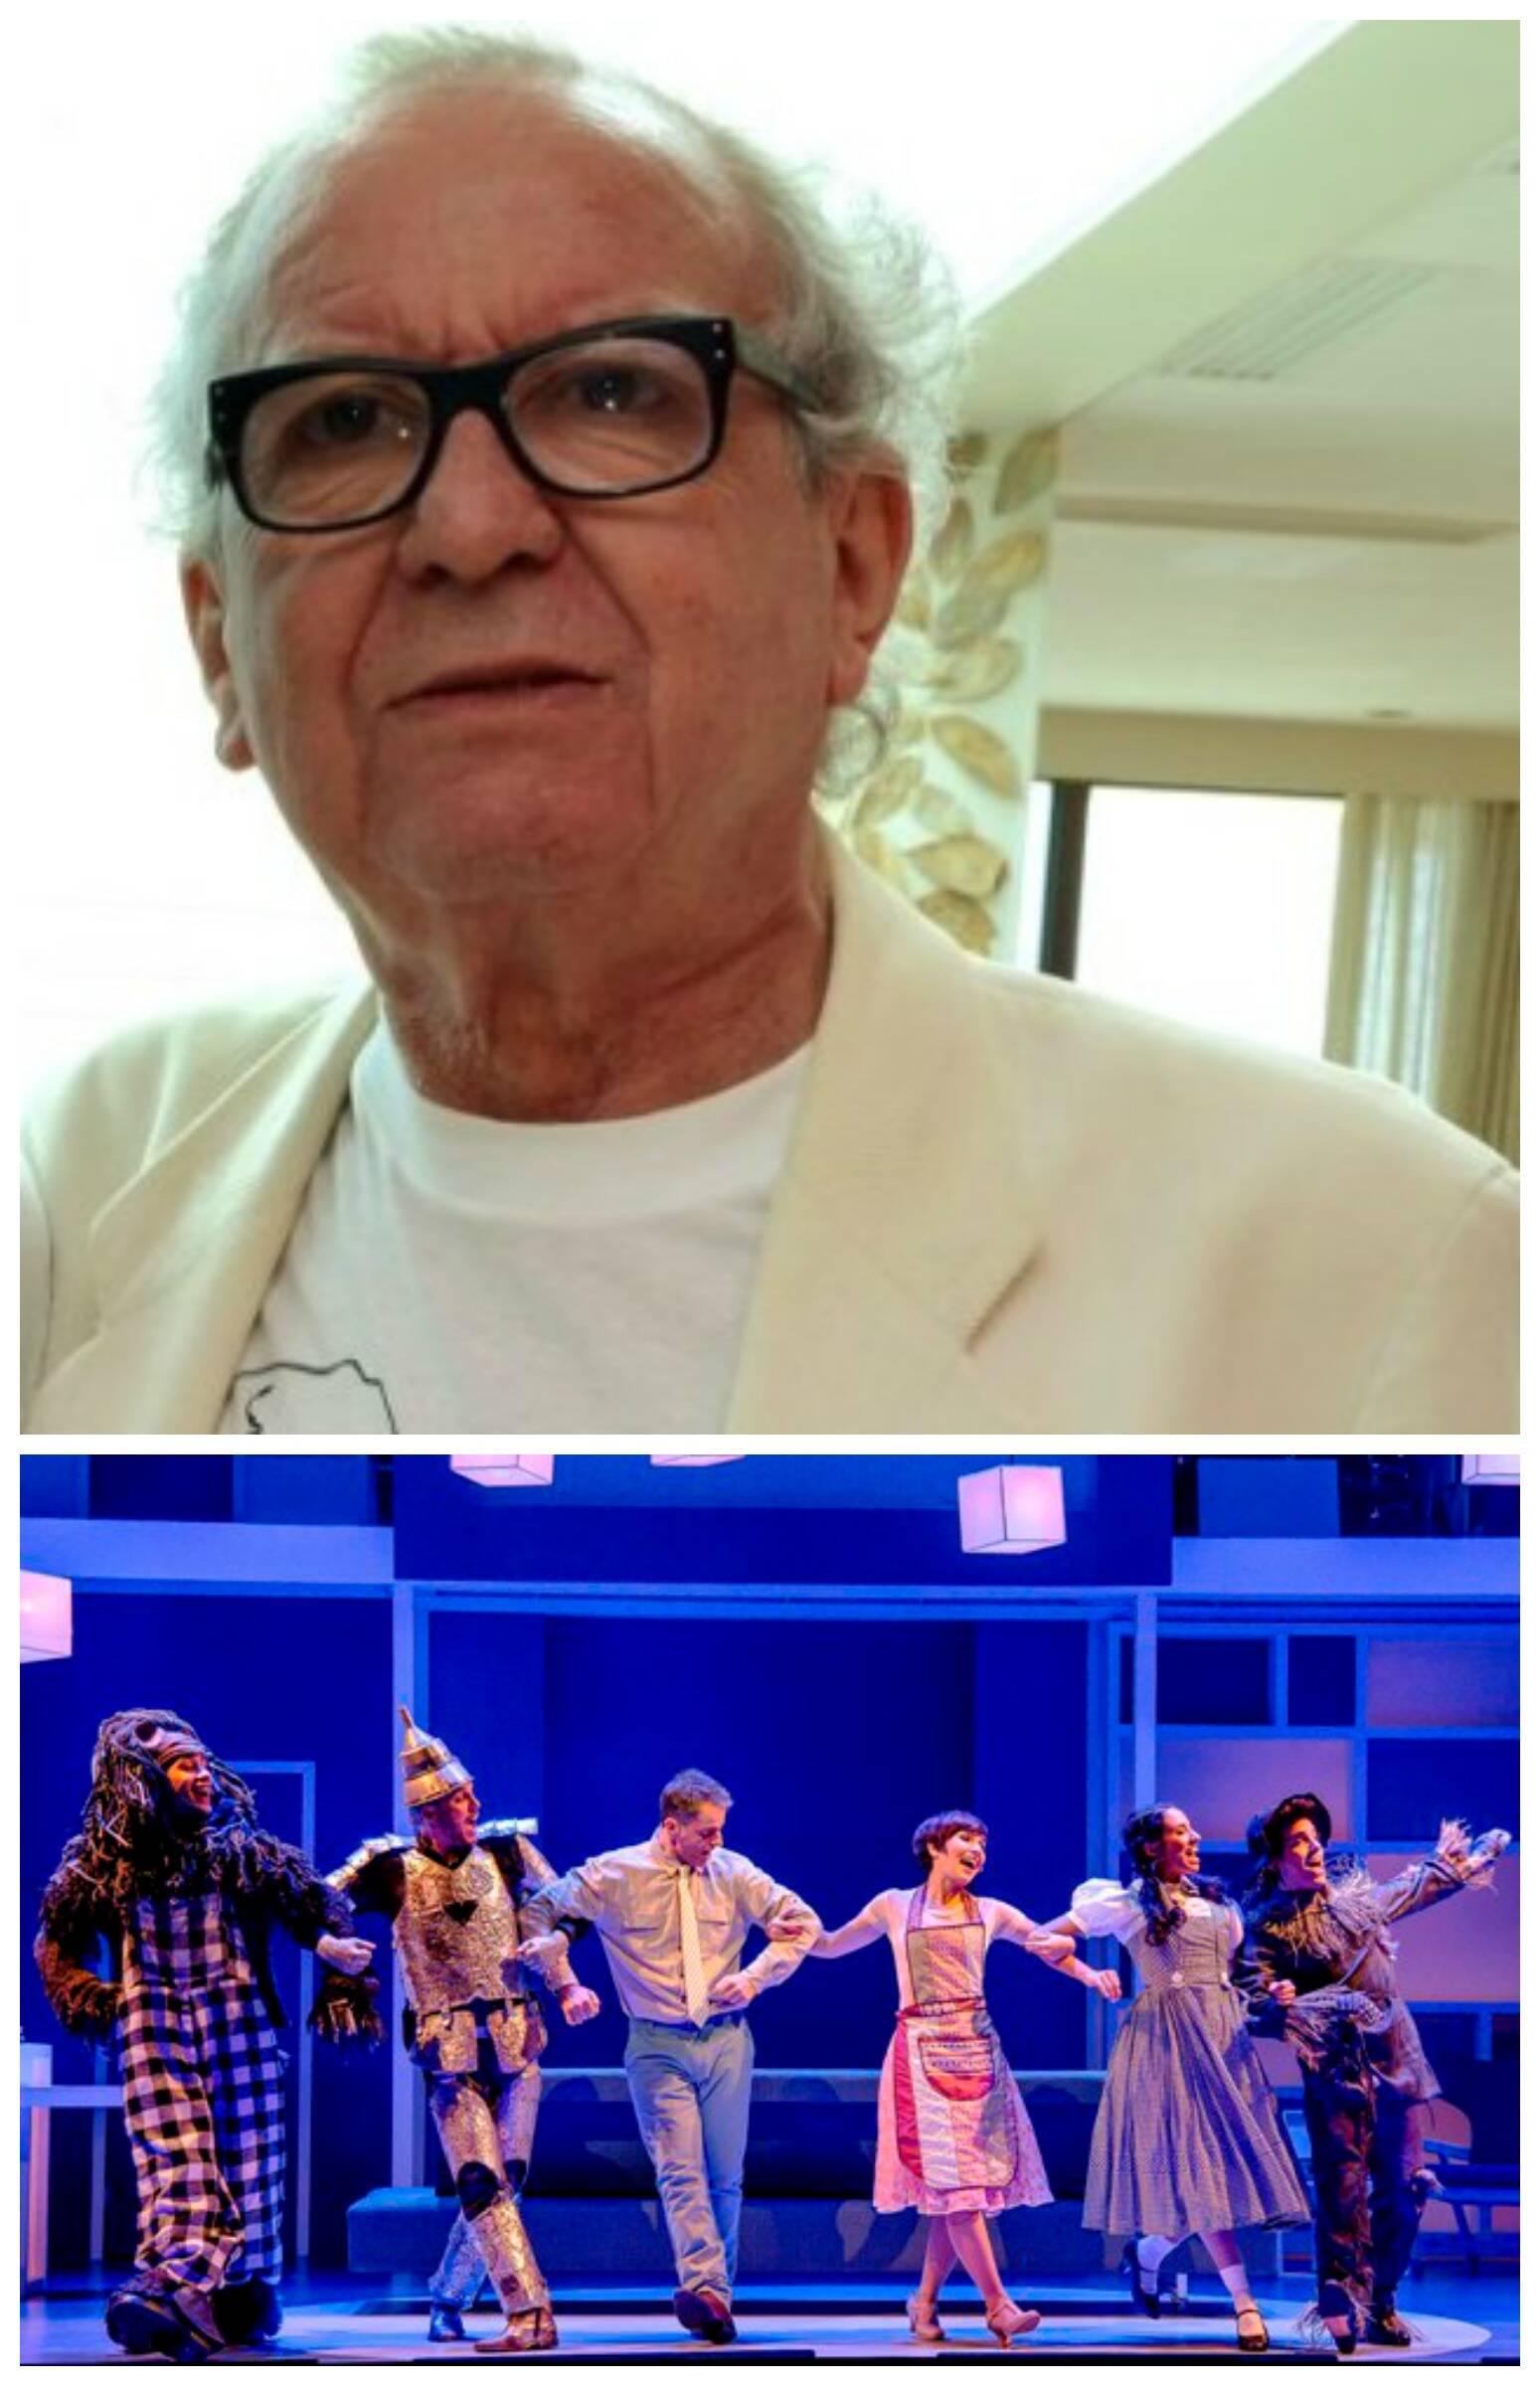 Washington Olivetto, no alto, e o elenco do musical em cena / Fotos: Cristina Granato e Caio Gallucci